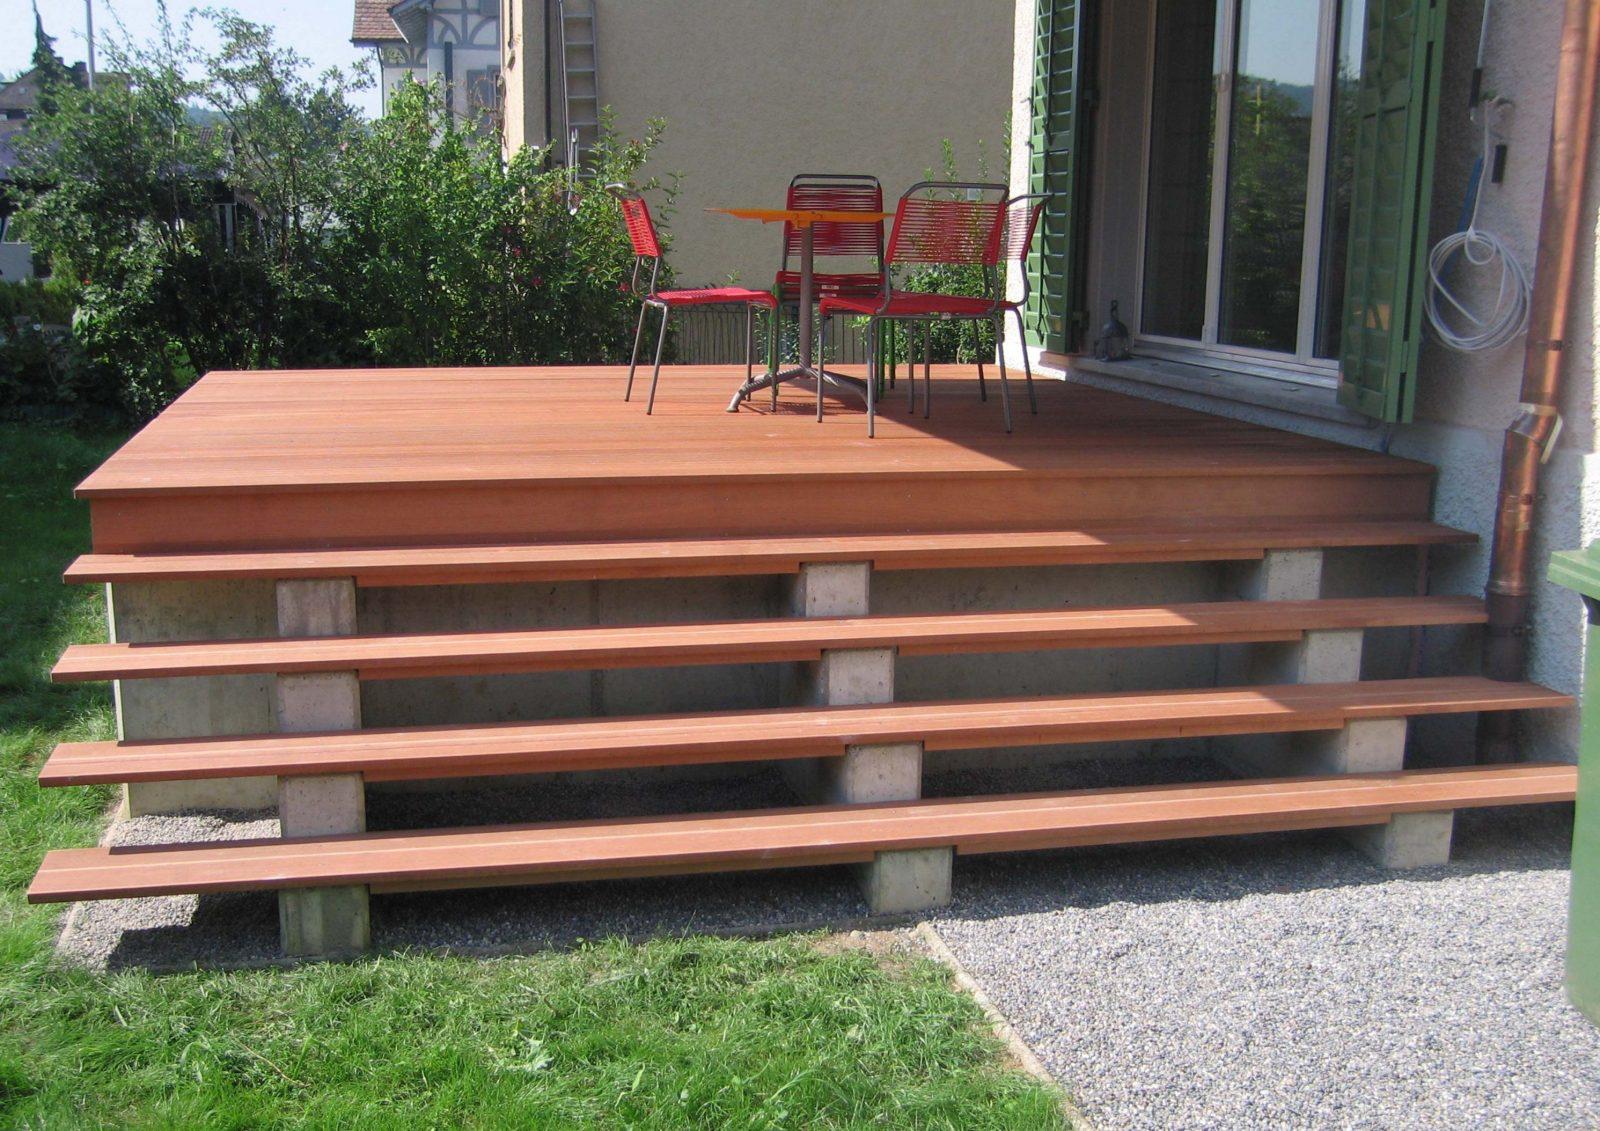 Geschlossene Treppe Selber Bauen – Ottihaus Throughout Ausgezeichnet von Außentreppe Holz Selber Bauen Bild